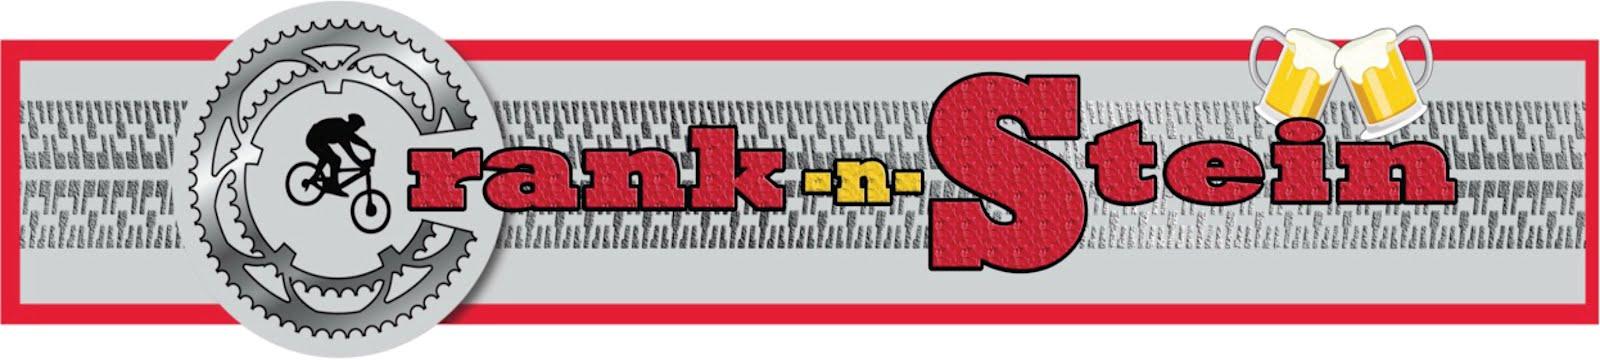 Crank-n-Stein